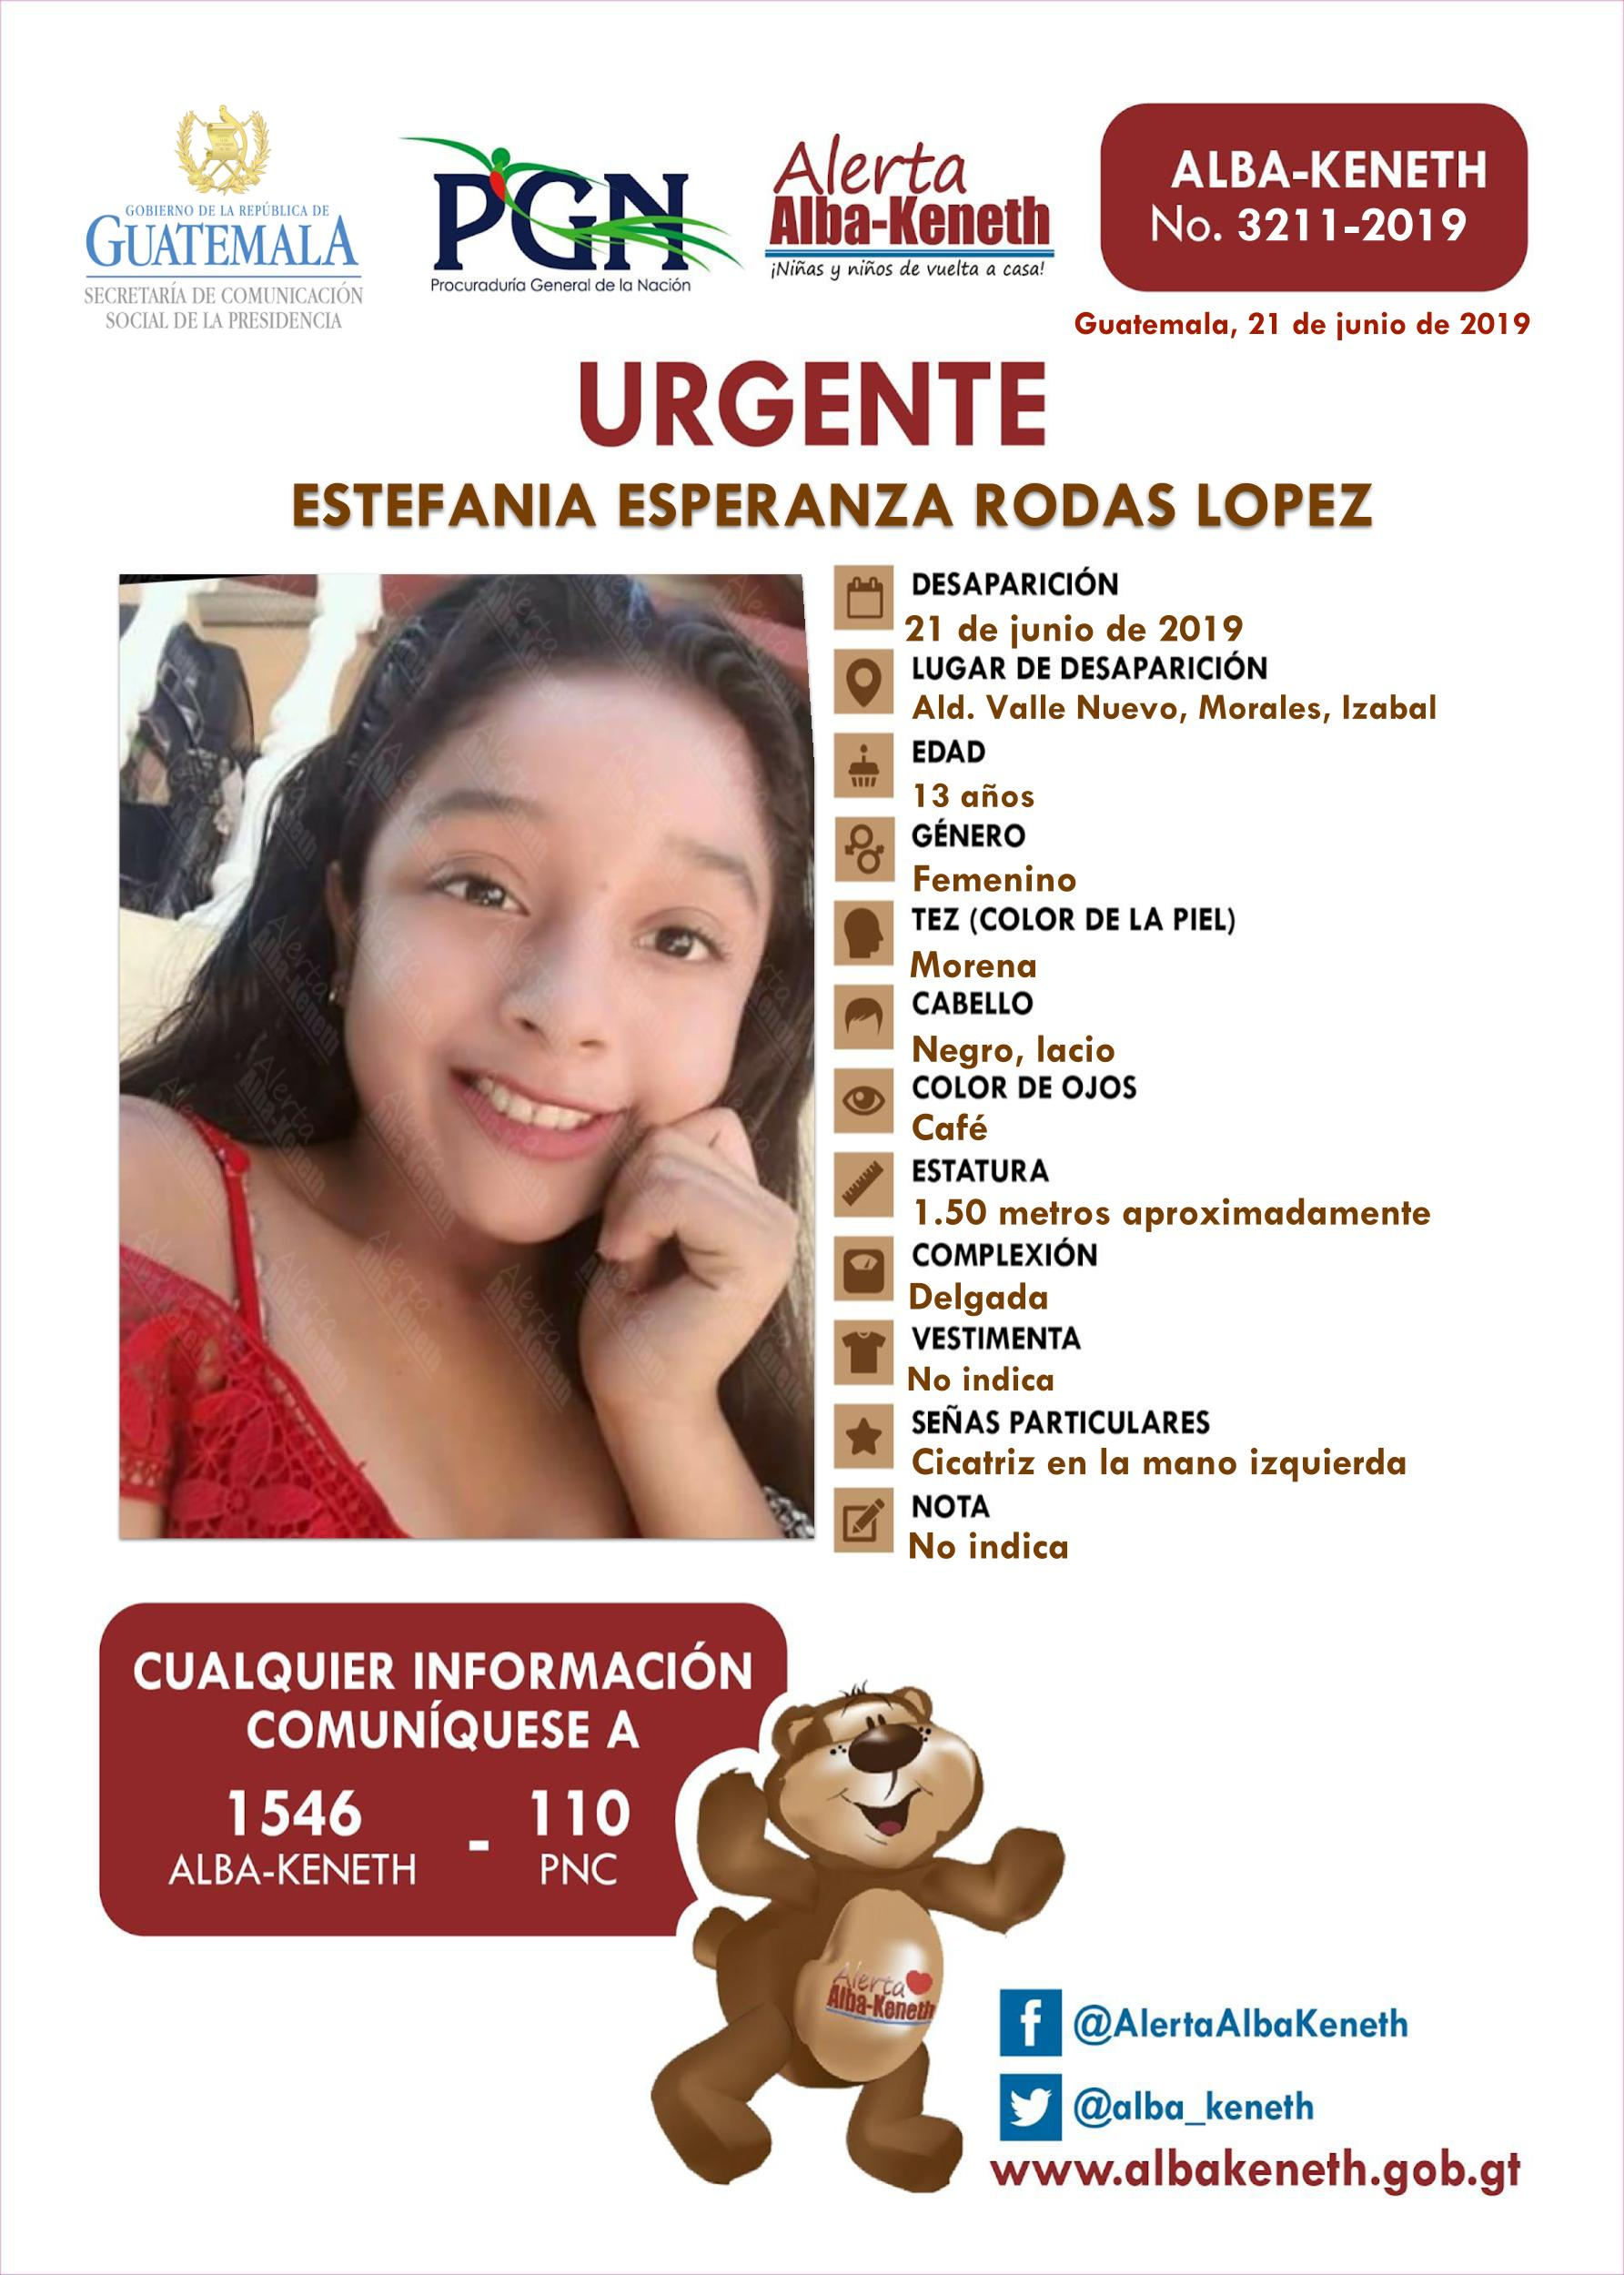 Estefania Esperanza Rodas Lopez